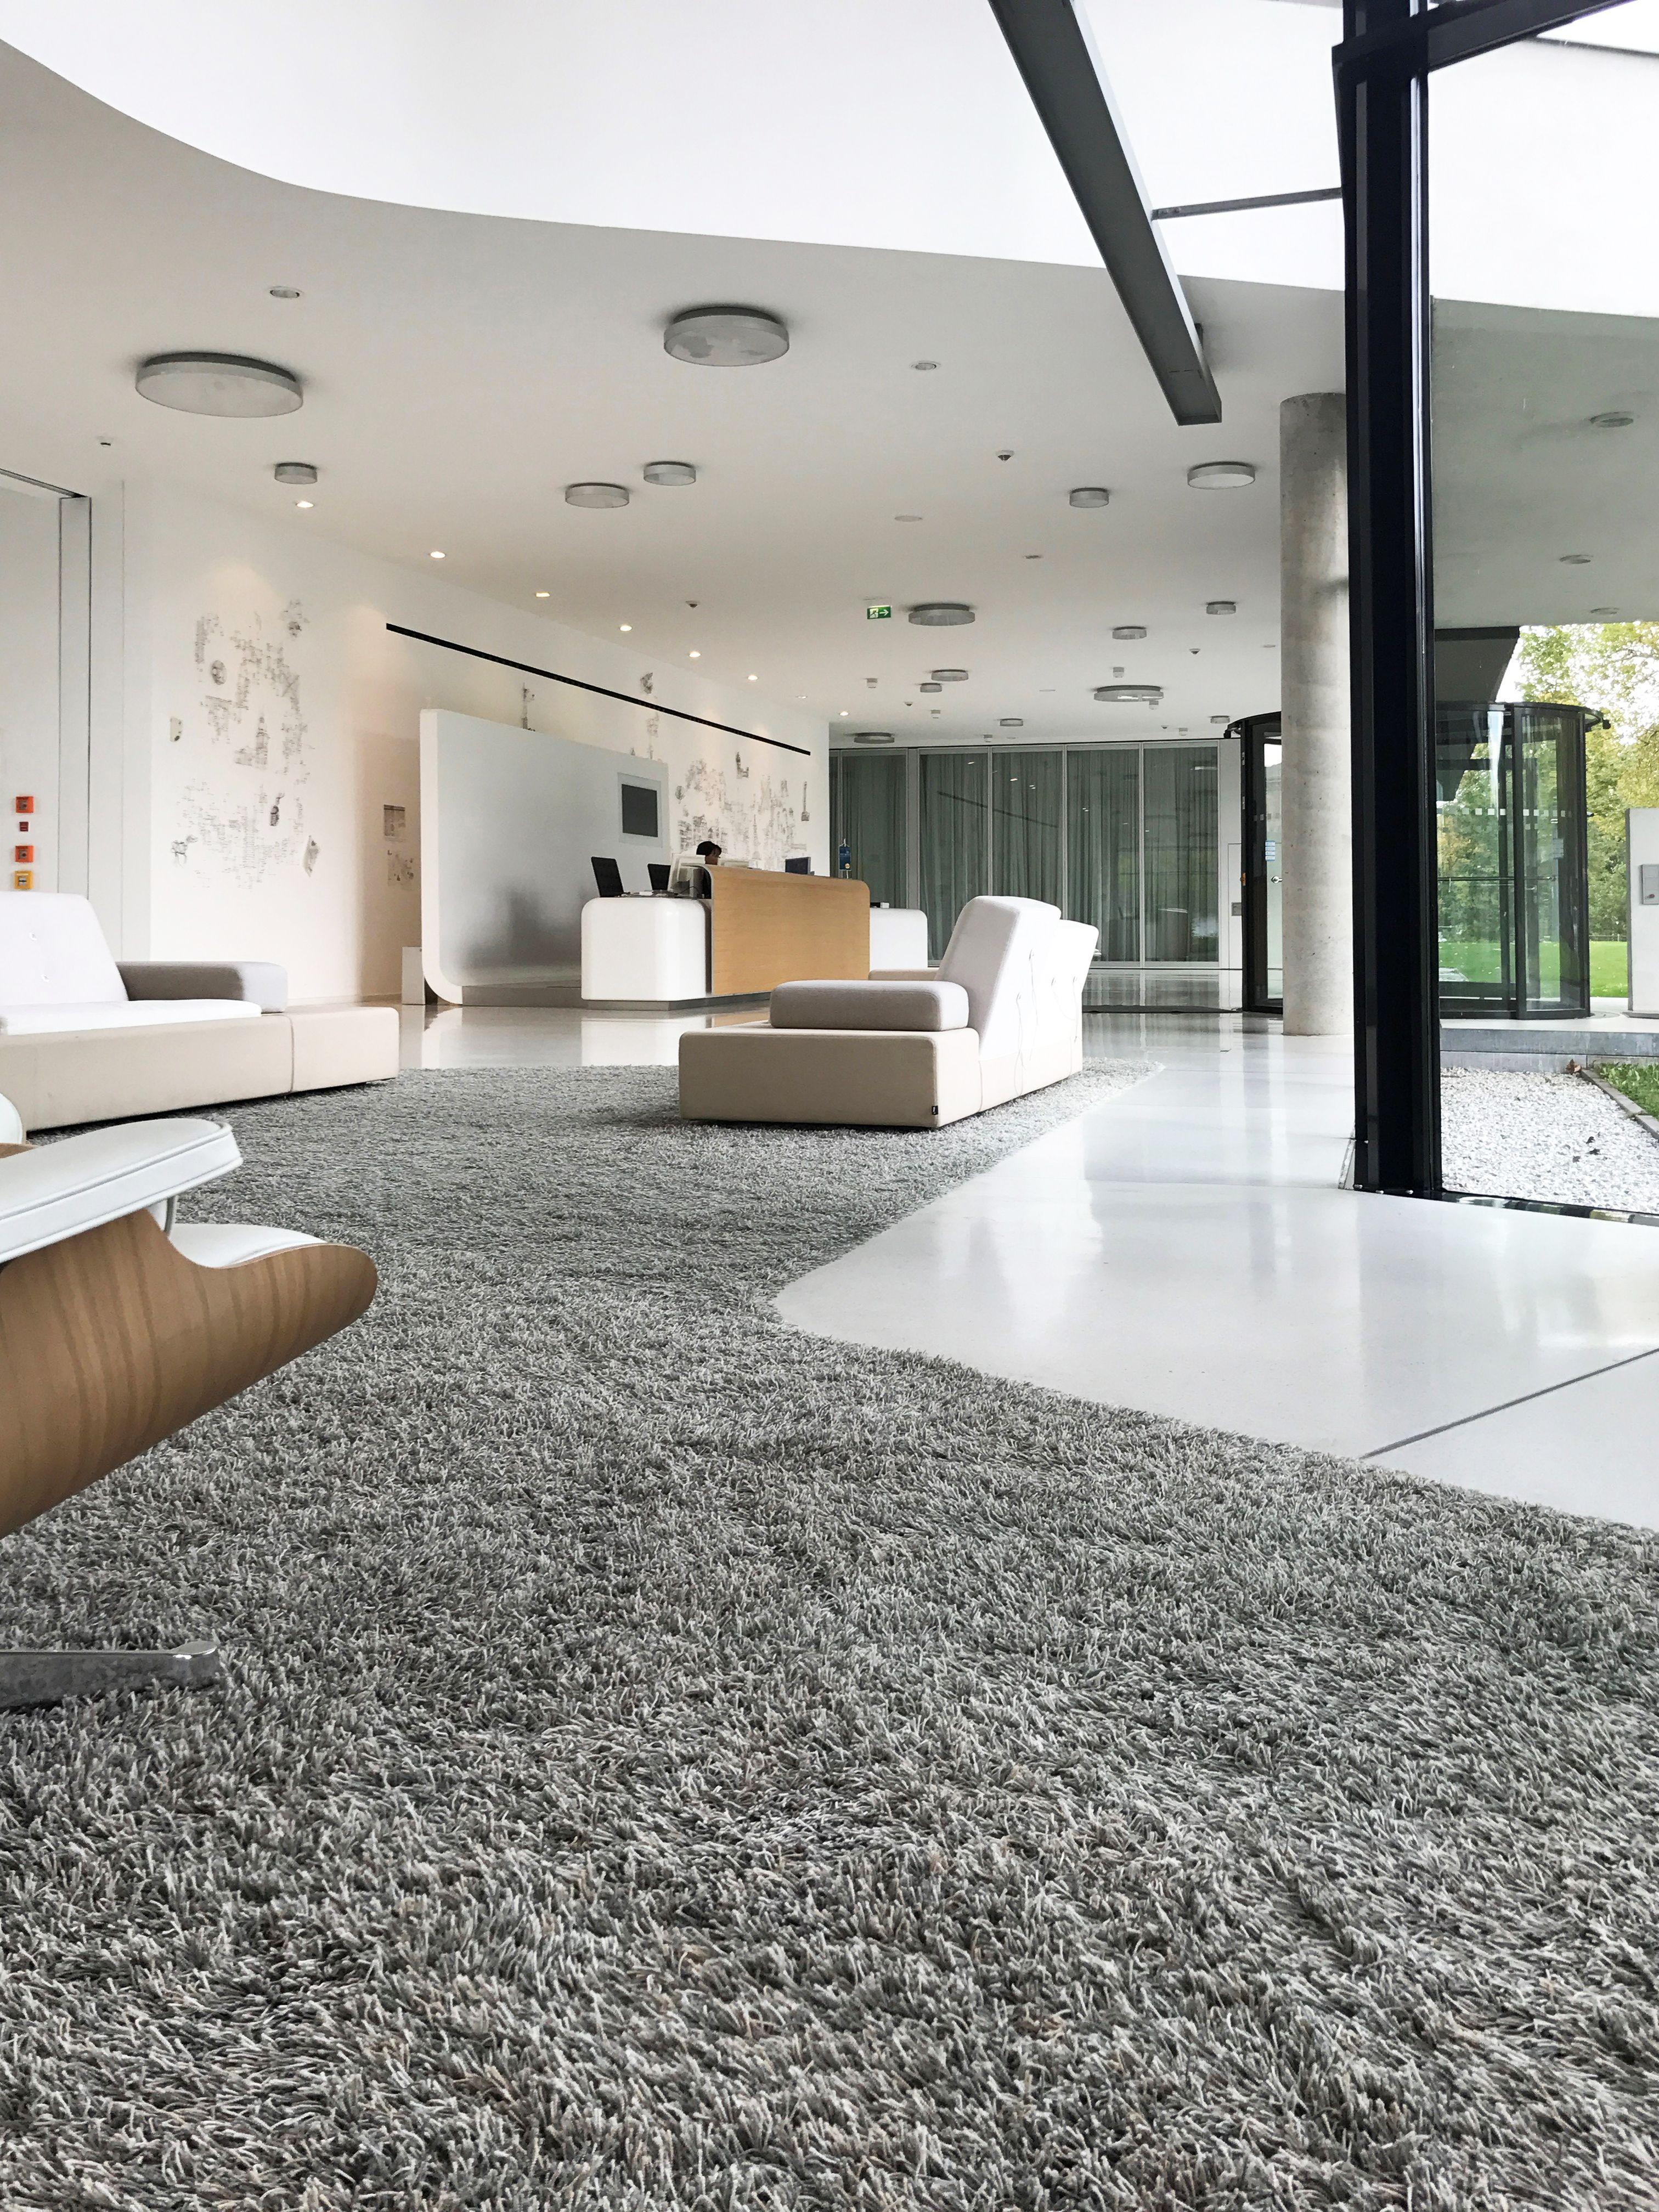 Teppich Darmstadt so schön sieht unser teppich aus der energieversorger entega in